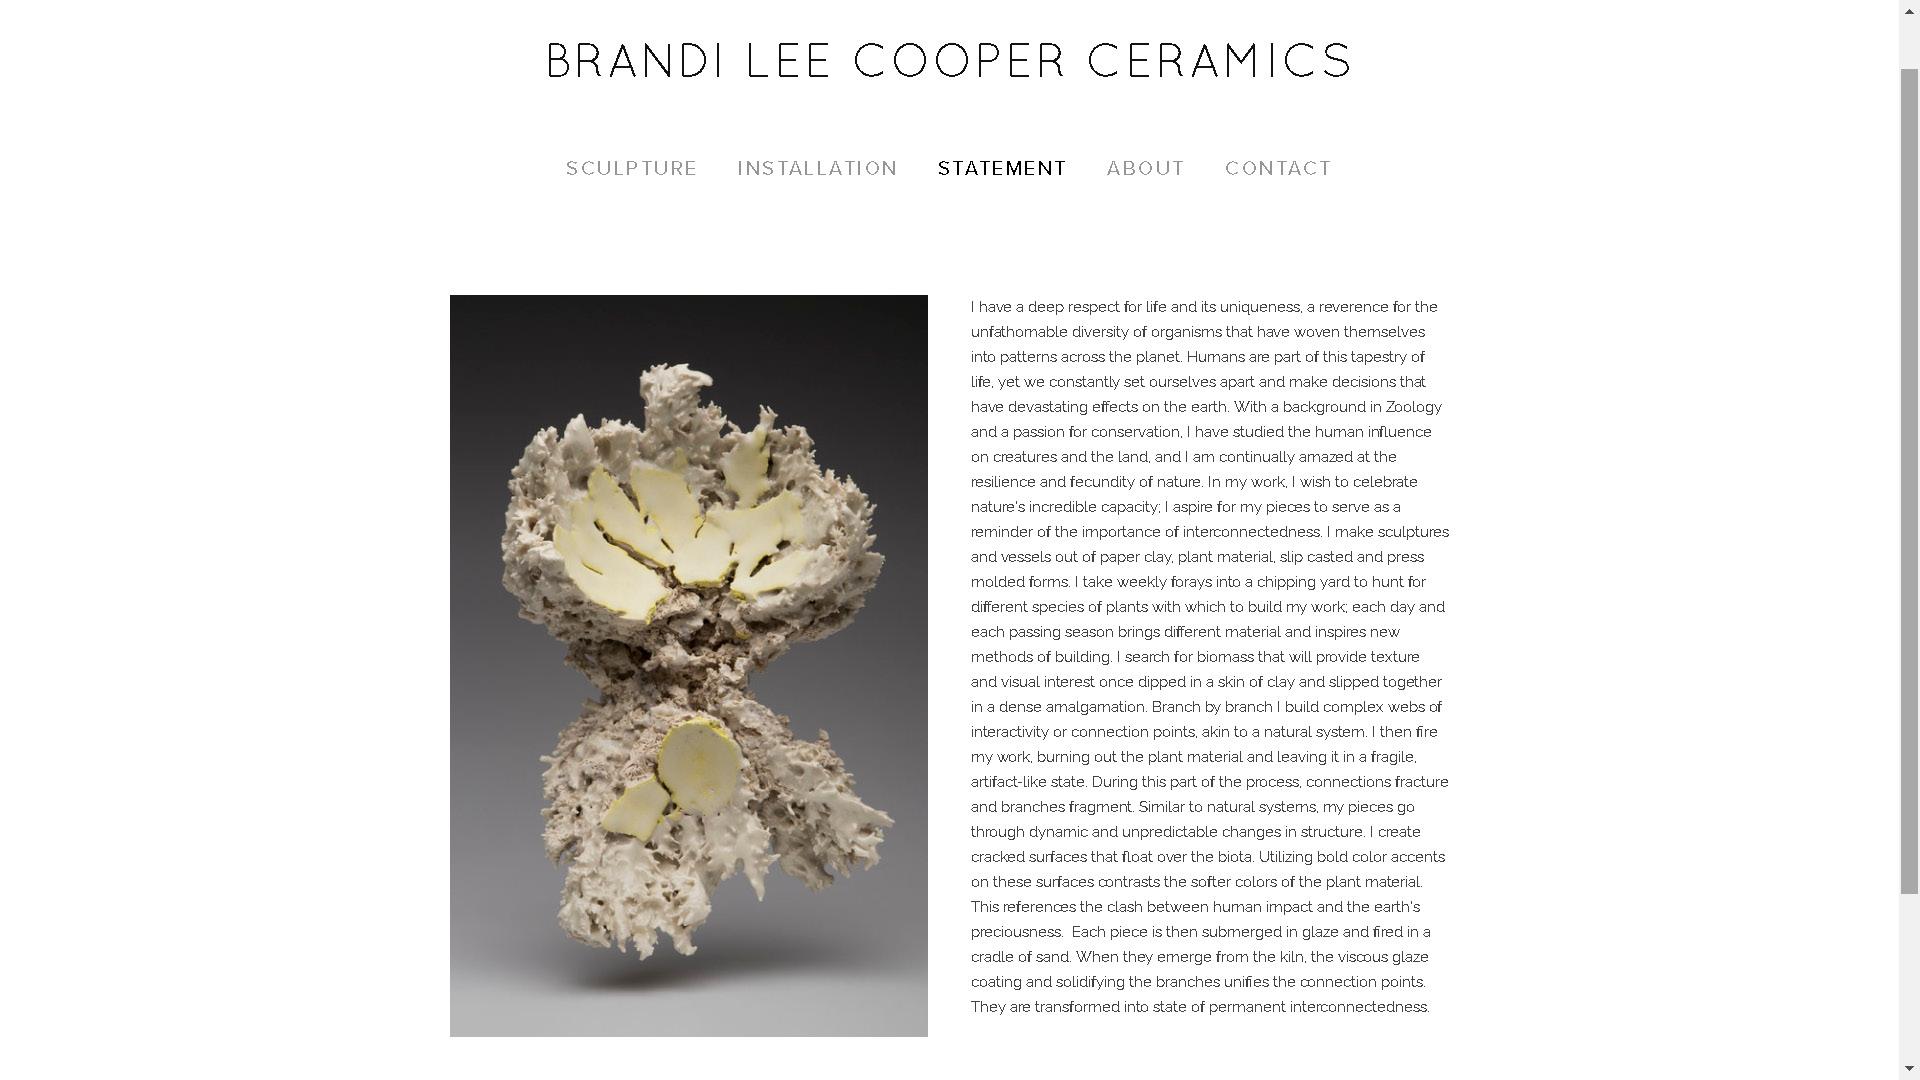 Brandi Lee Cooper Ceramics website